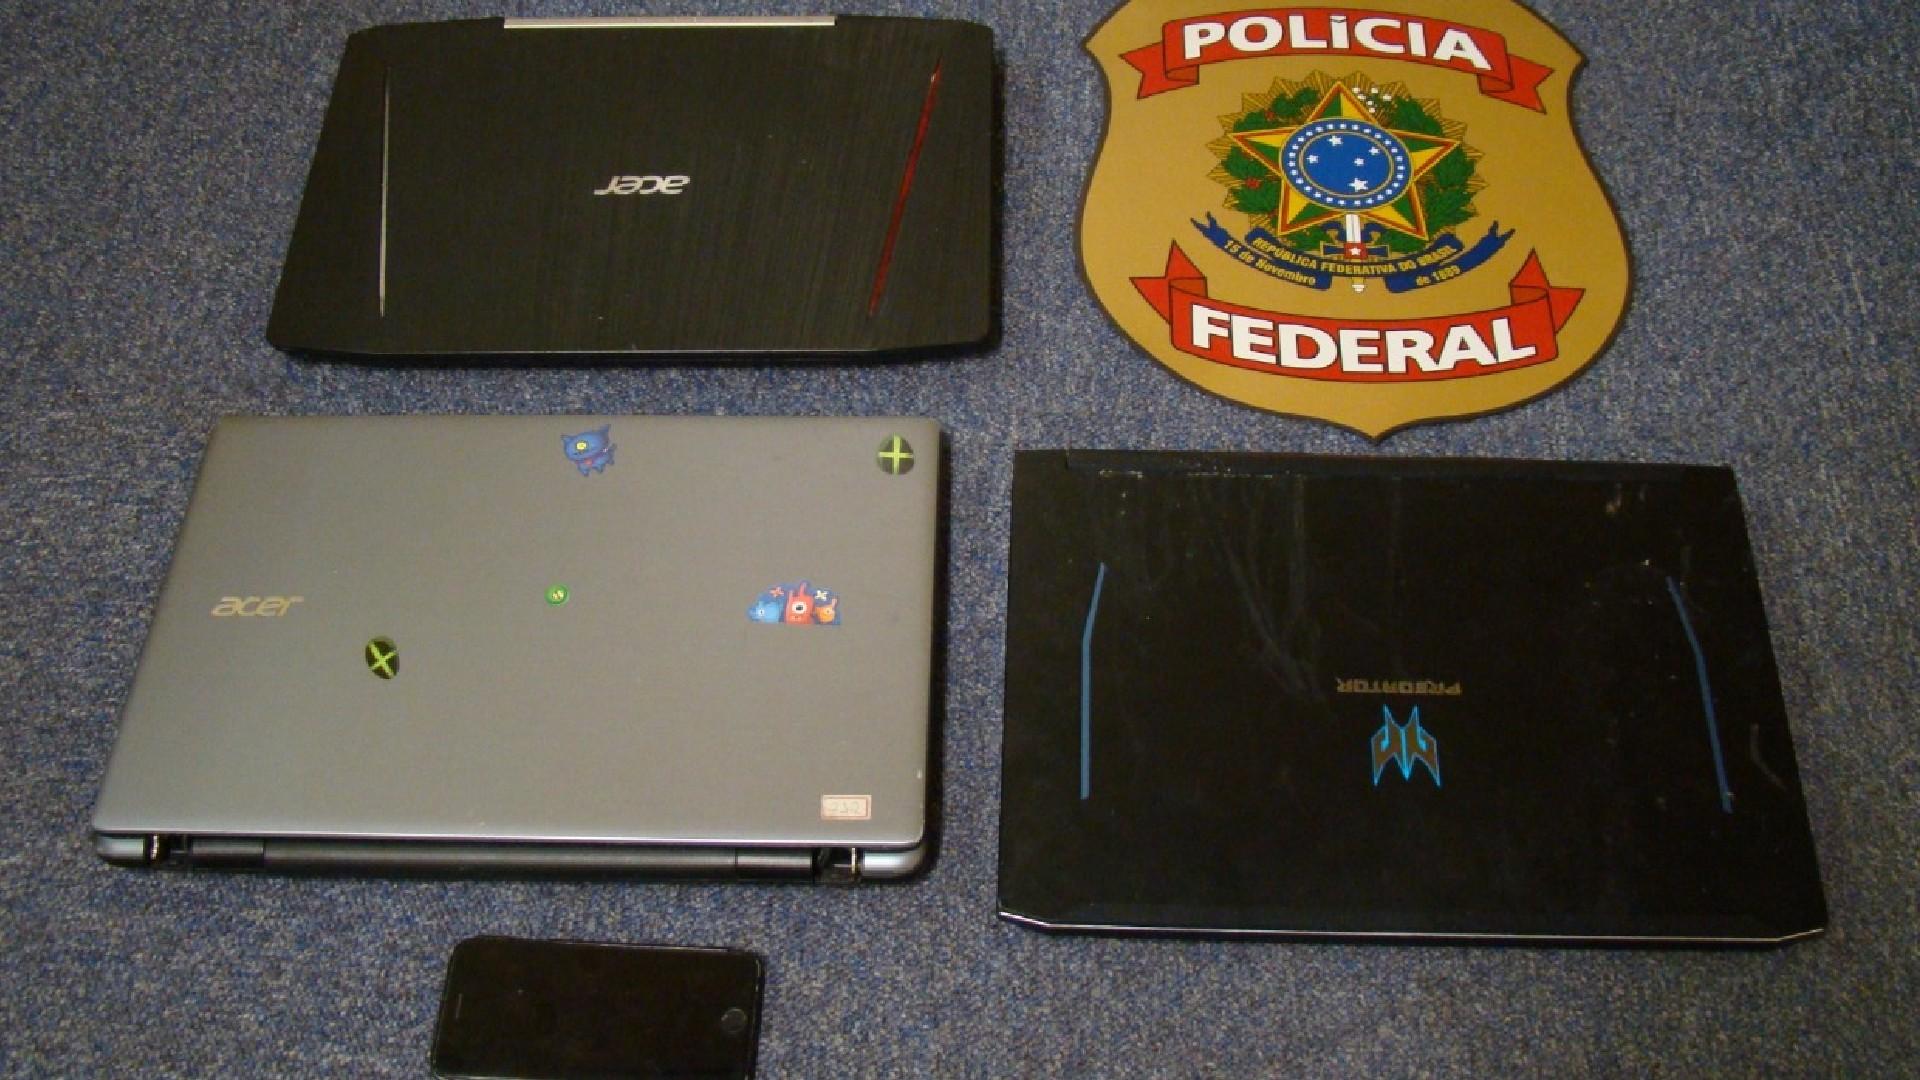 Homem é preso suspeito de guardar centenas de arquivos de pornografia infantil em Curitiba, diz PF